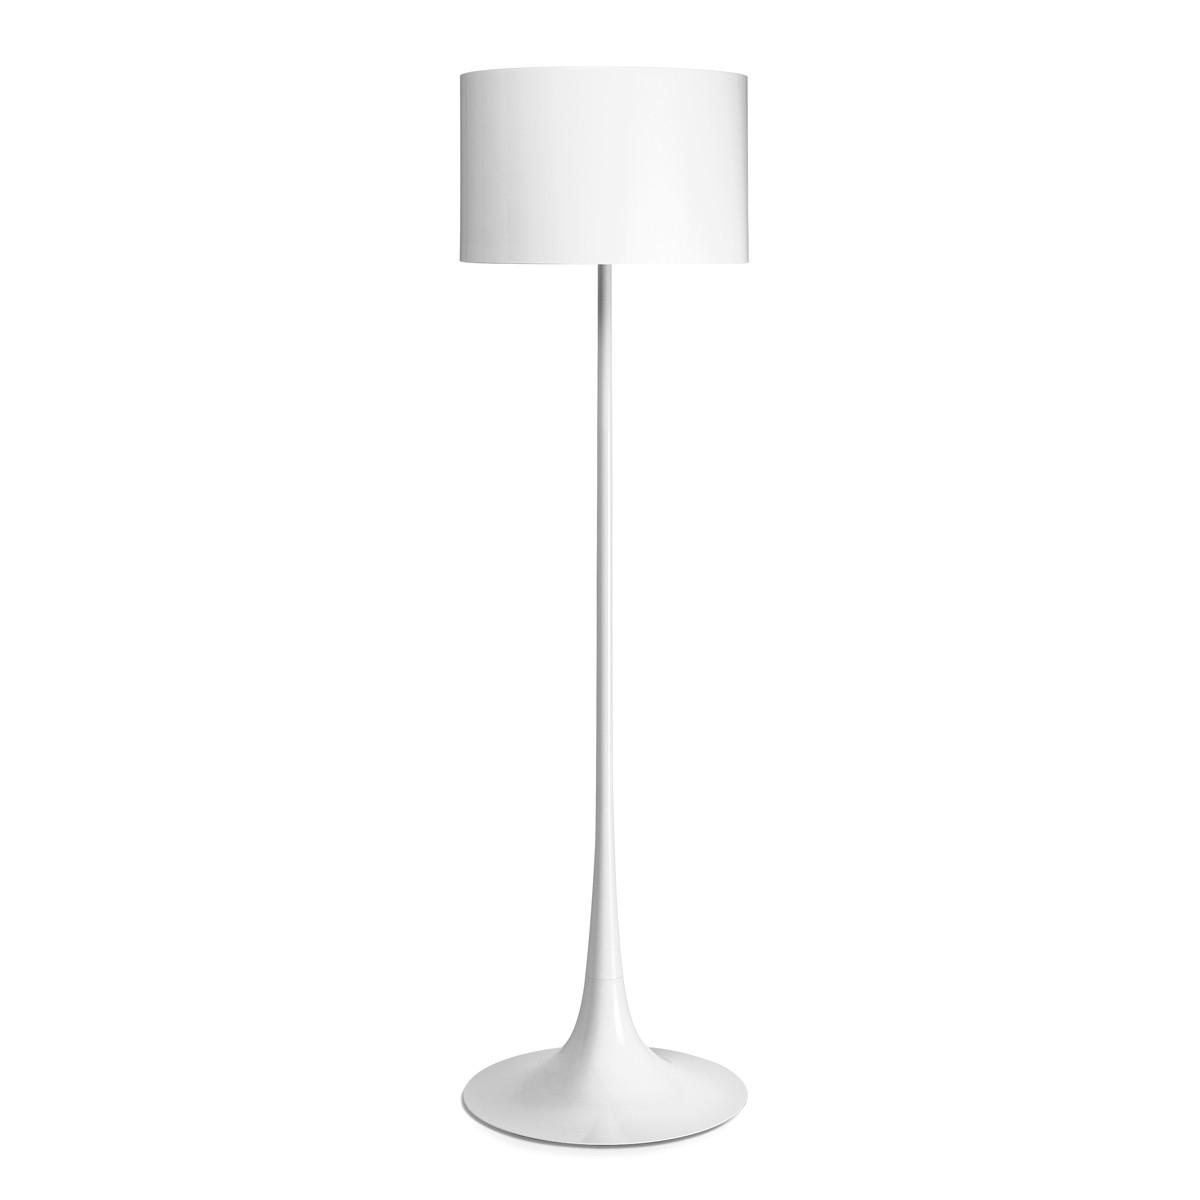 Flos Spun Light F Stehleuchte, weiß glänzend